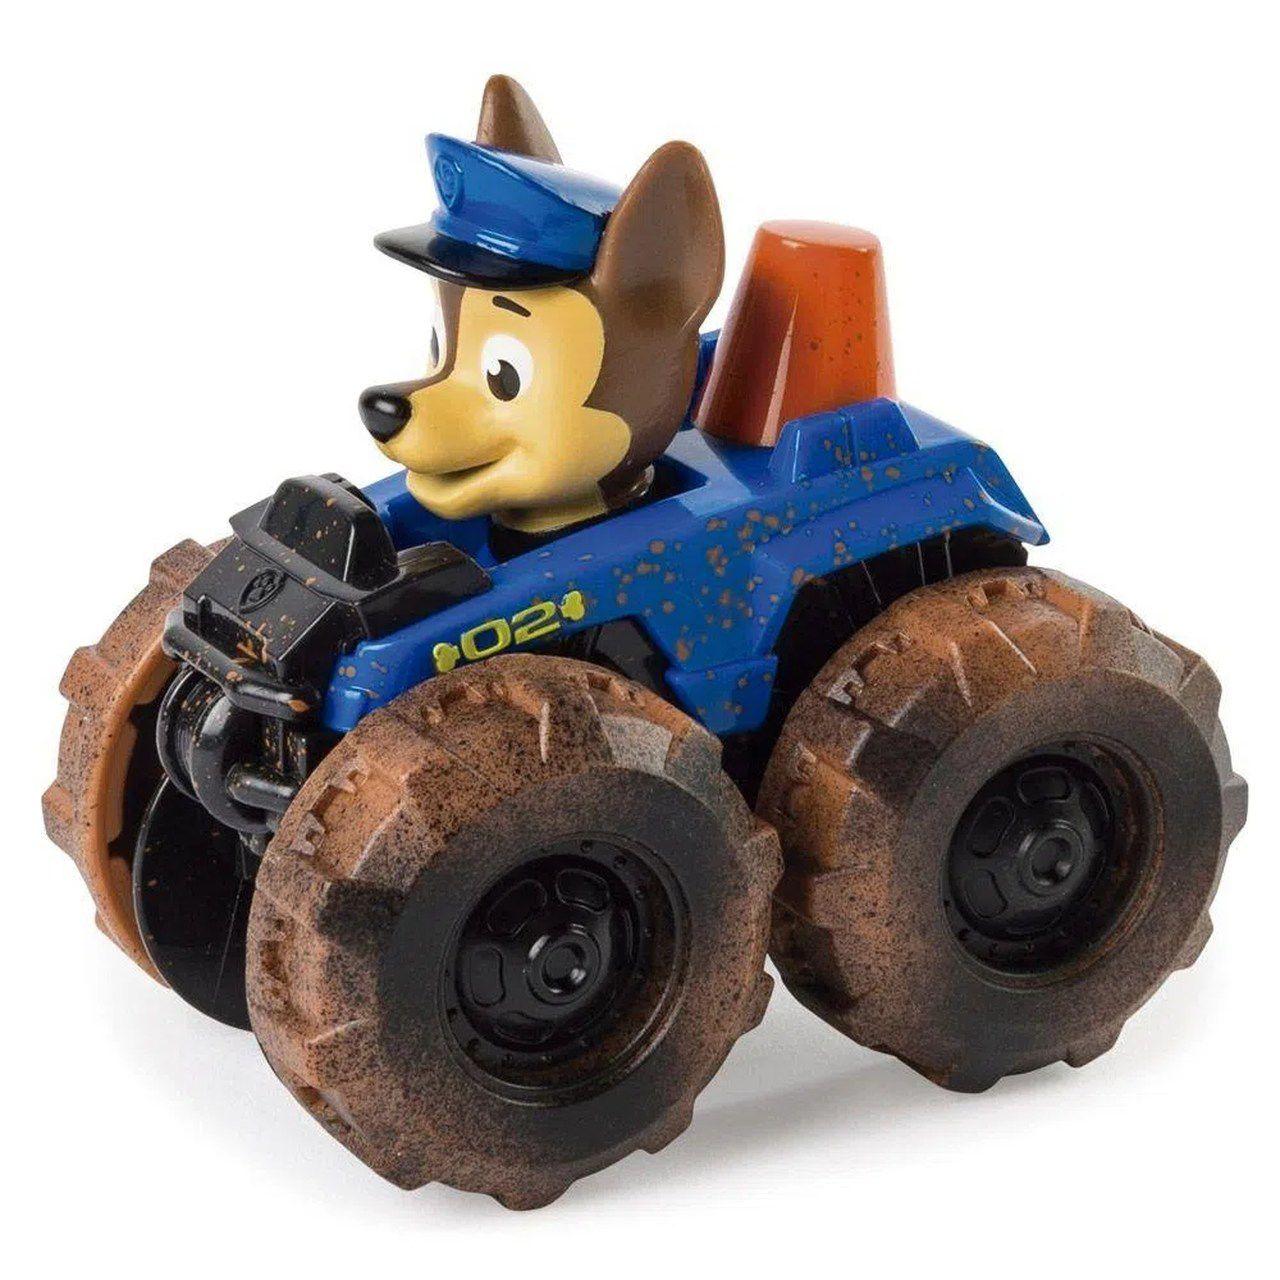 Patrulha Canina - Carrinho - Chase Truck - 10 cm - Sunny